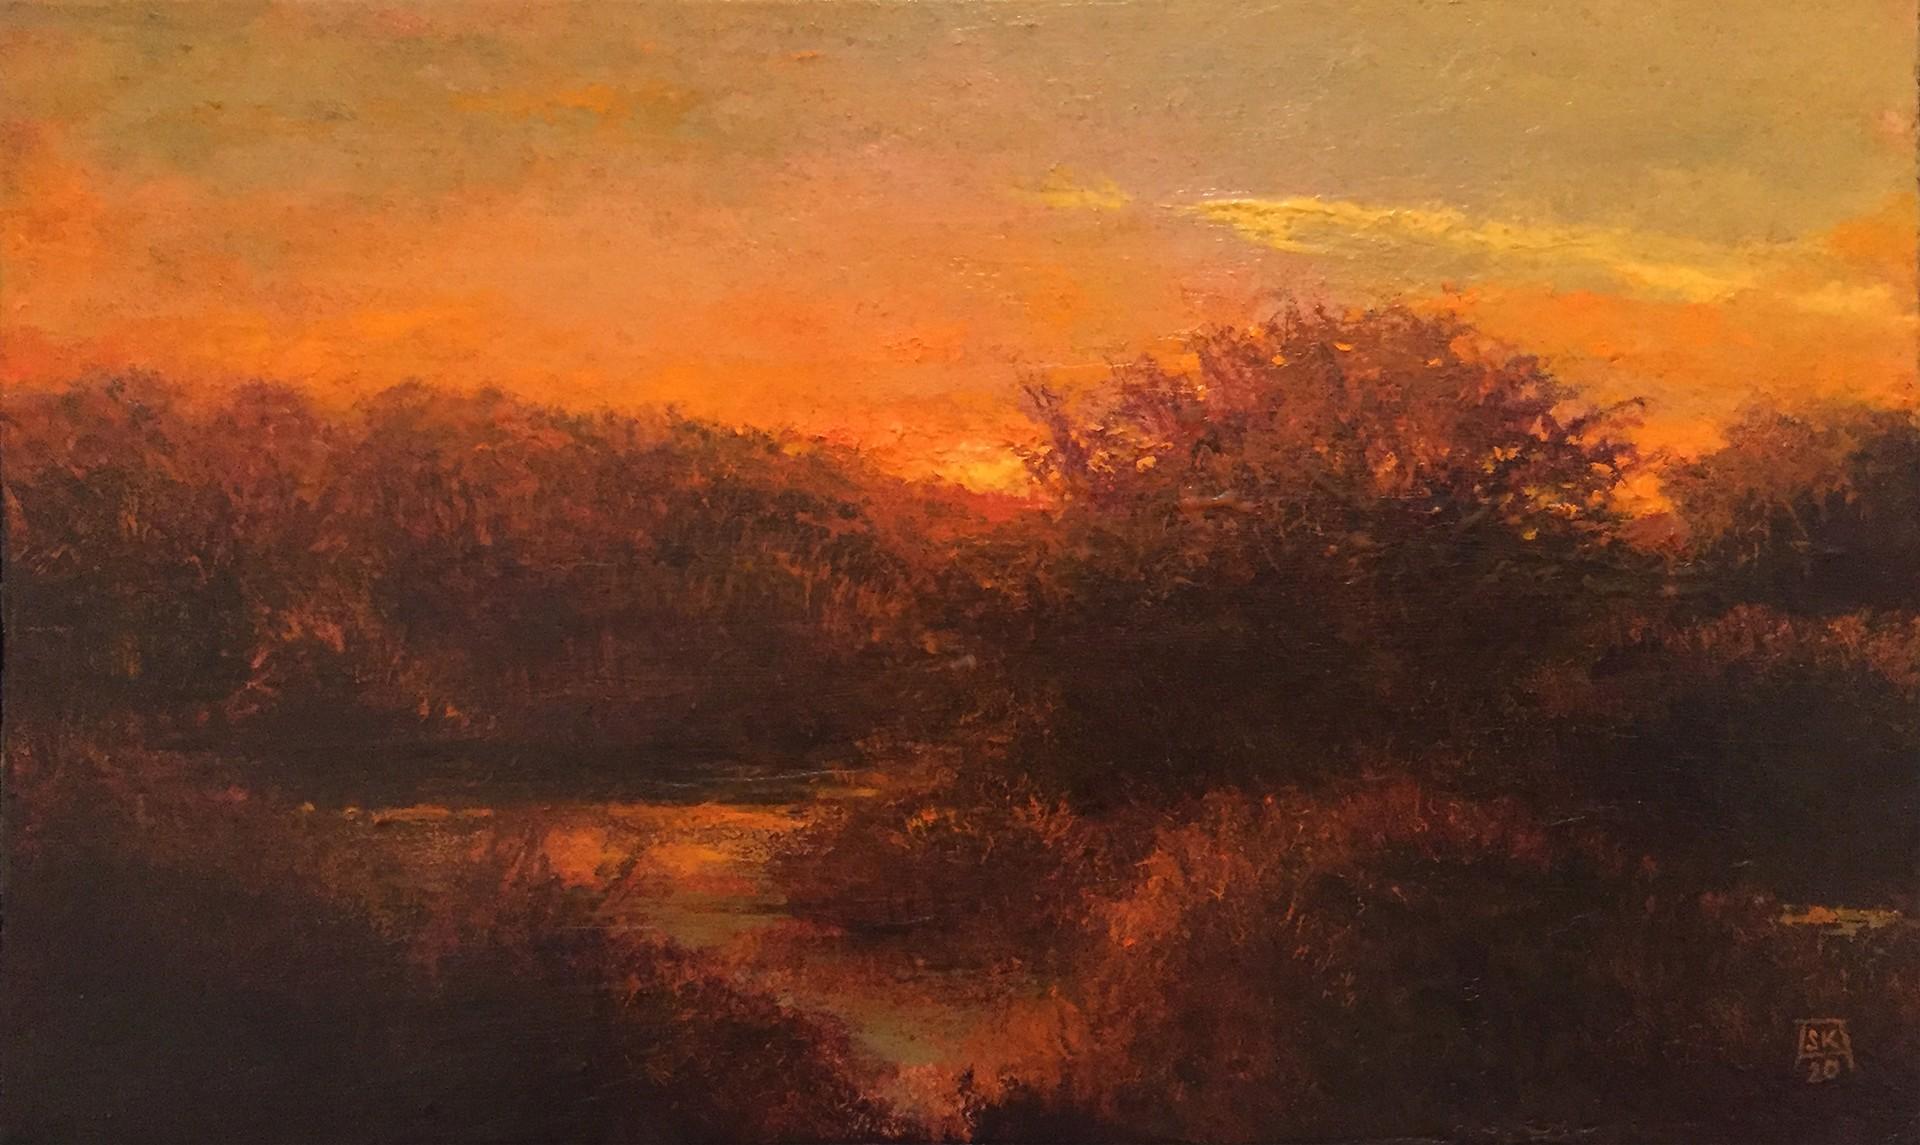 Evening Marsh by Shawn Krueger